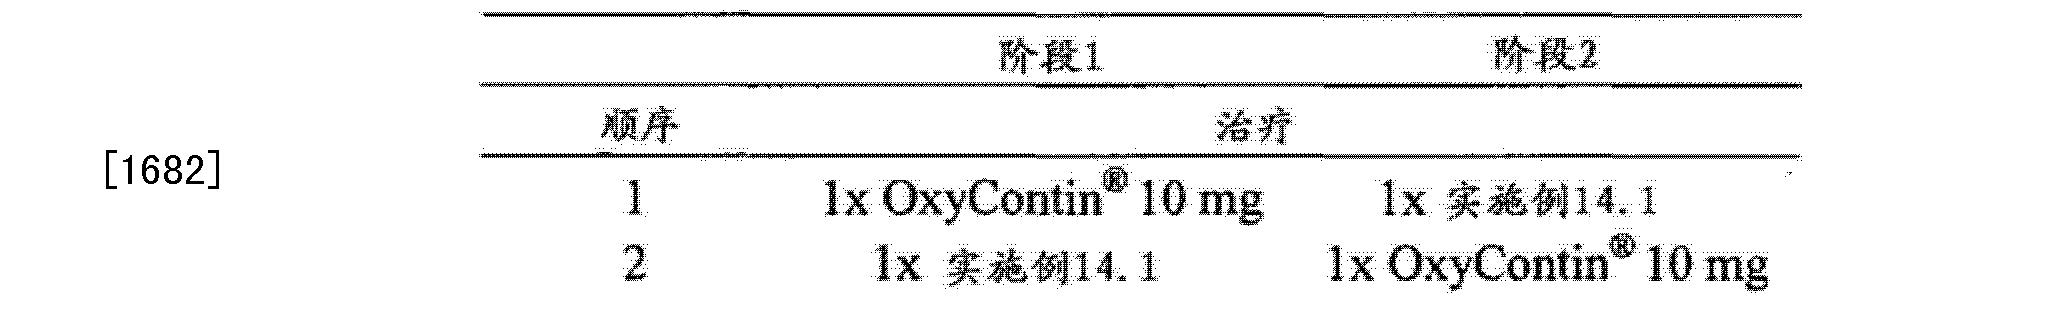 Figure CN102657630BD01561